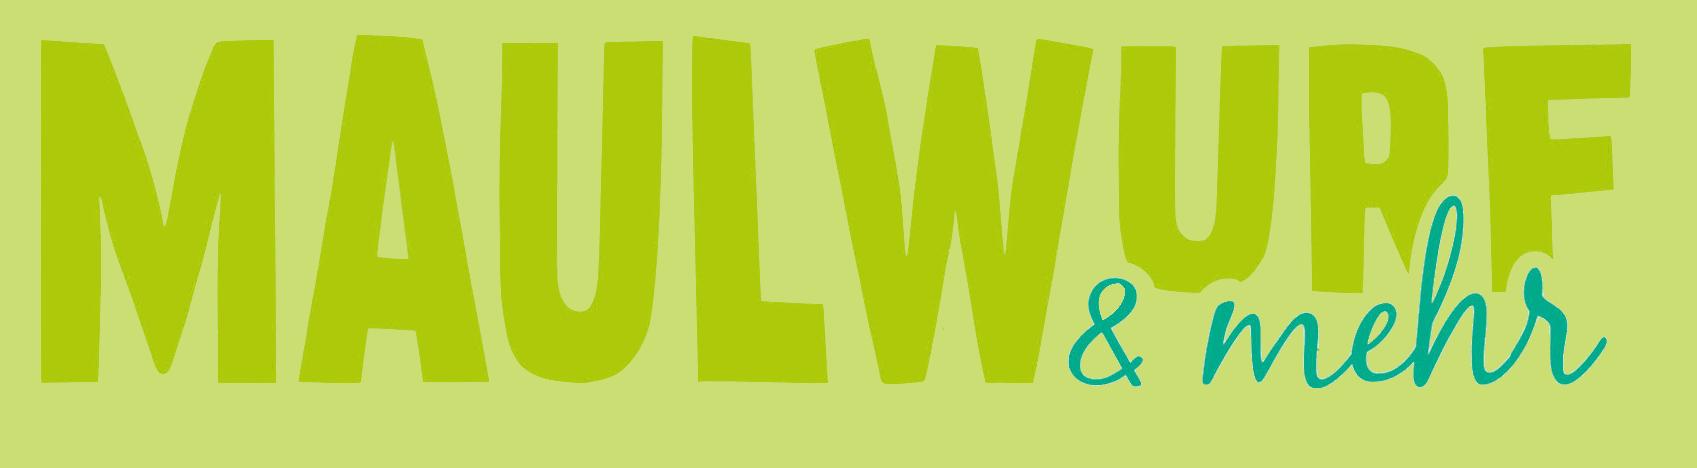 Maulwurf und mehr_Logo